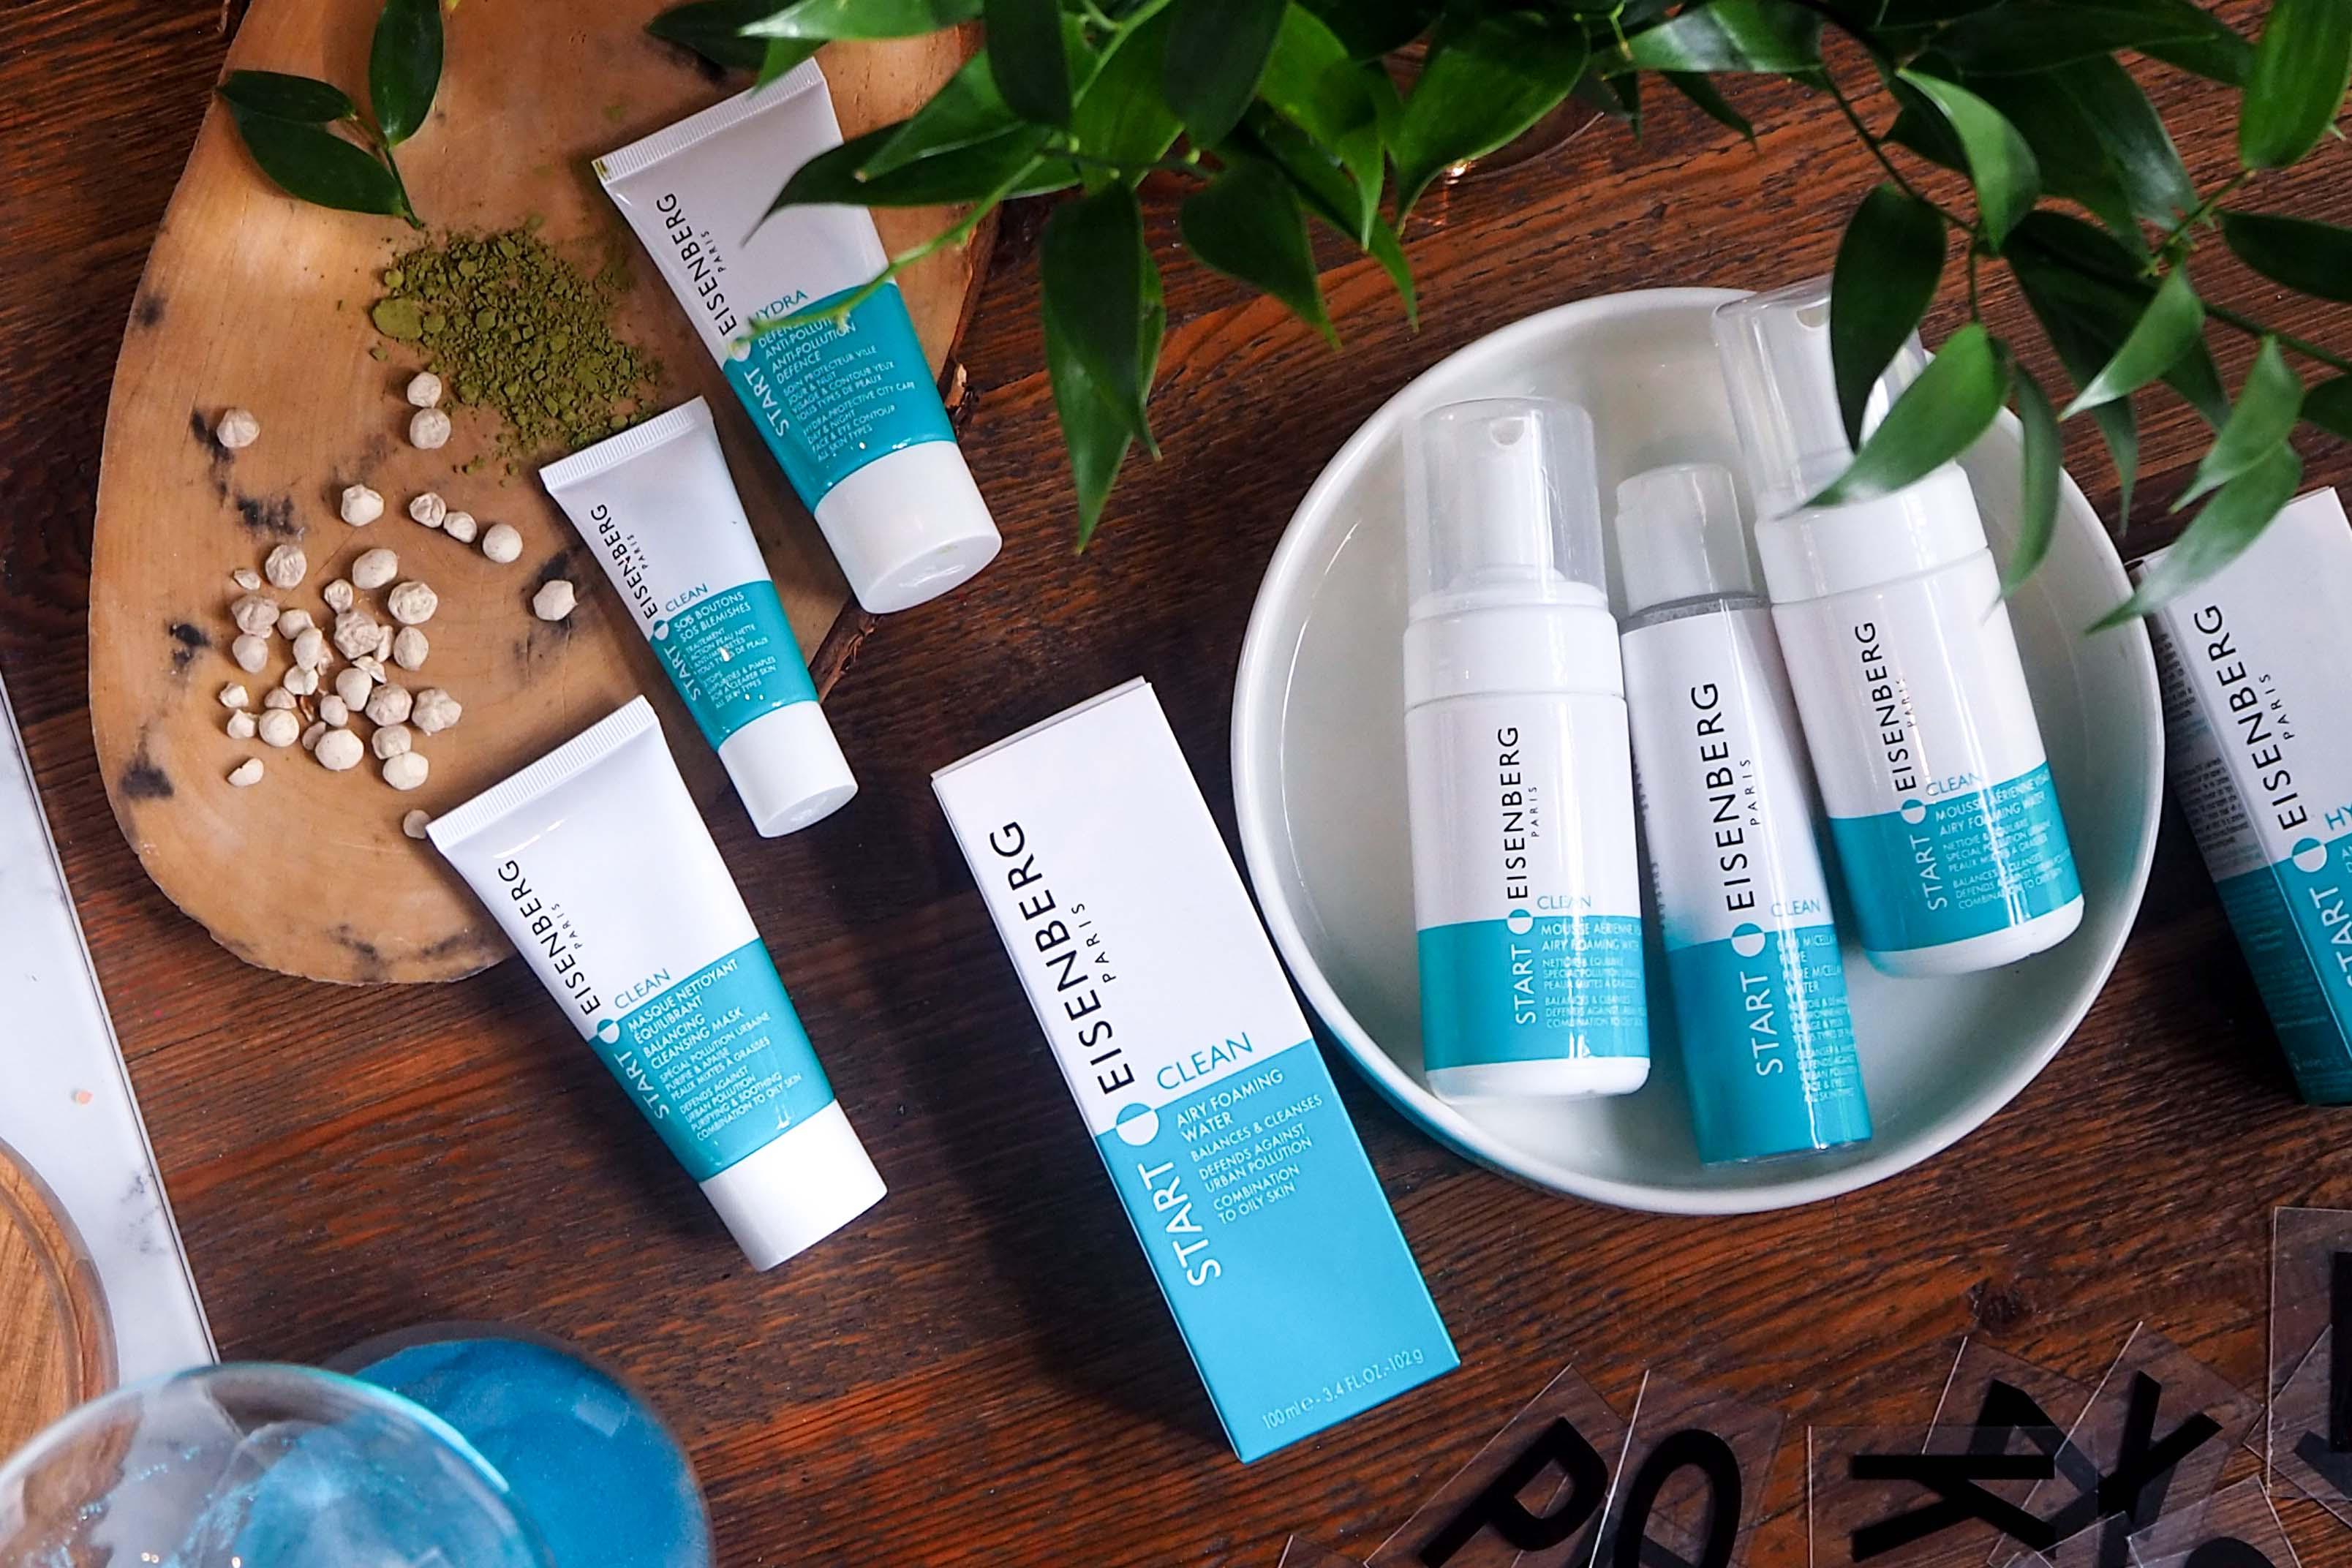 Nowa linia kosmetyków do pielęgnacji START | EISENBERG PARIS